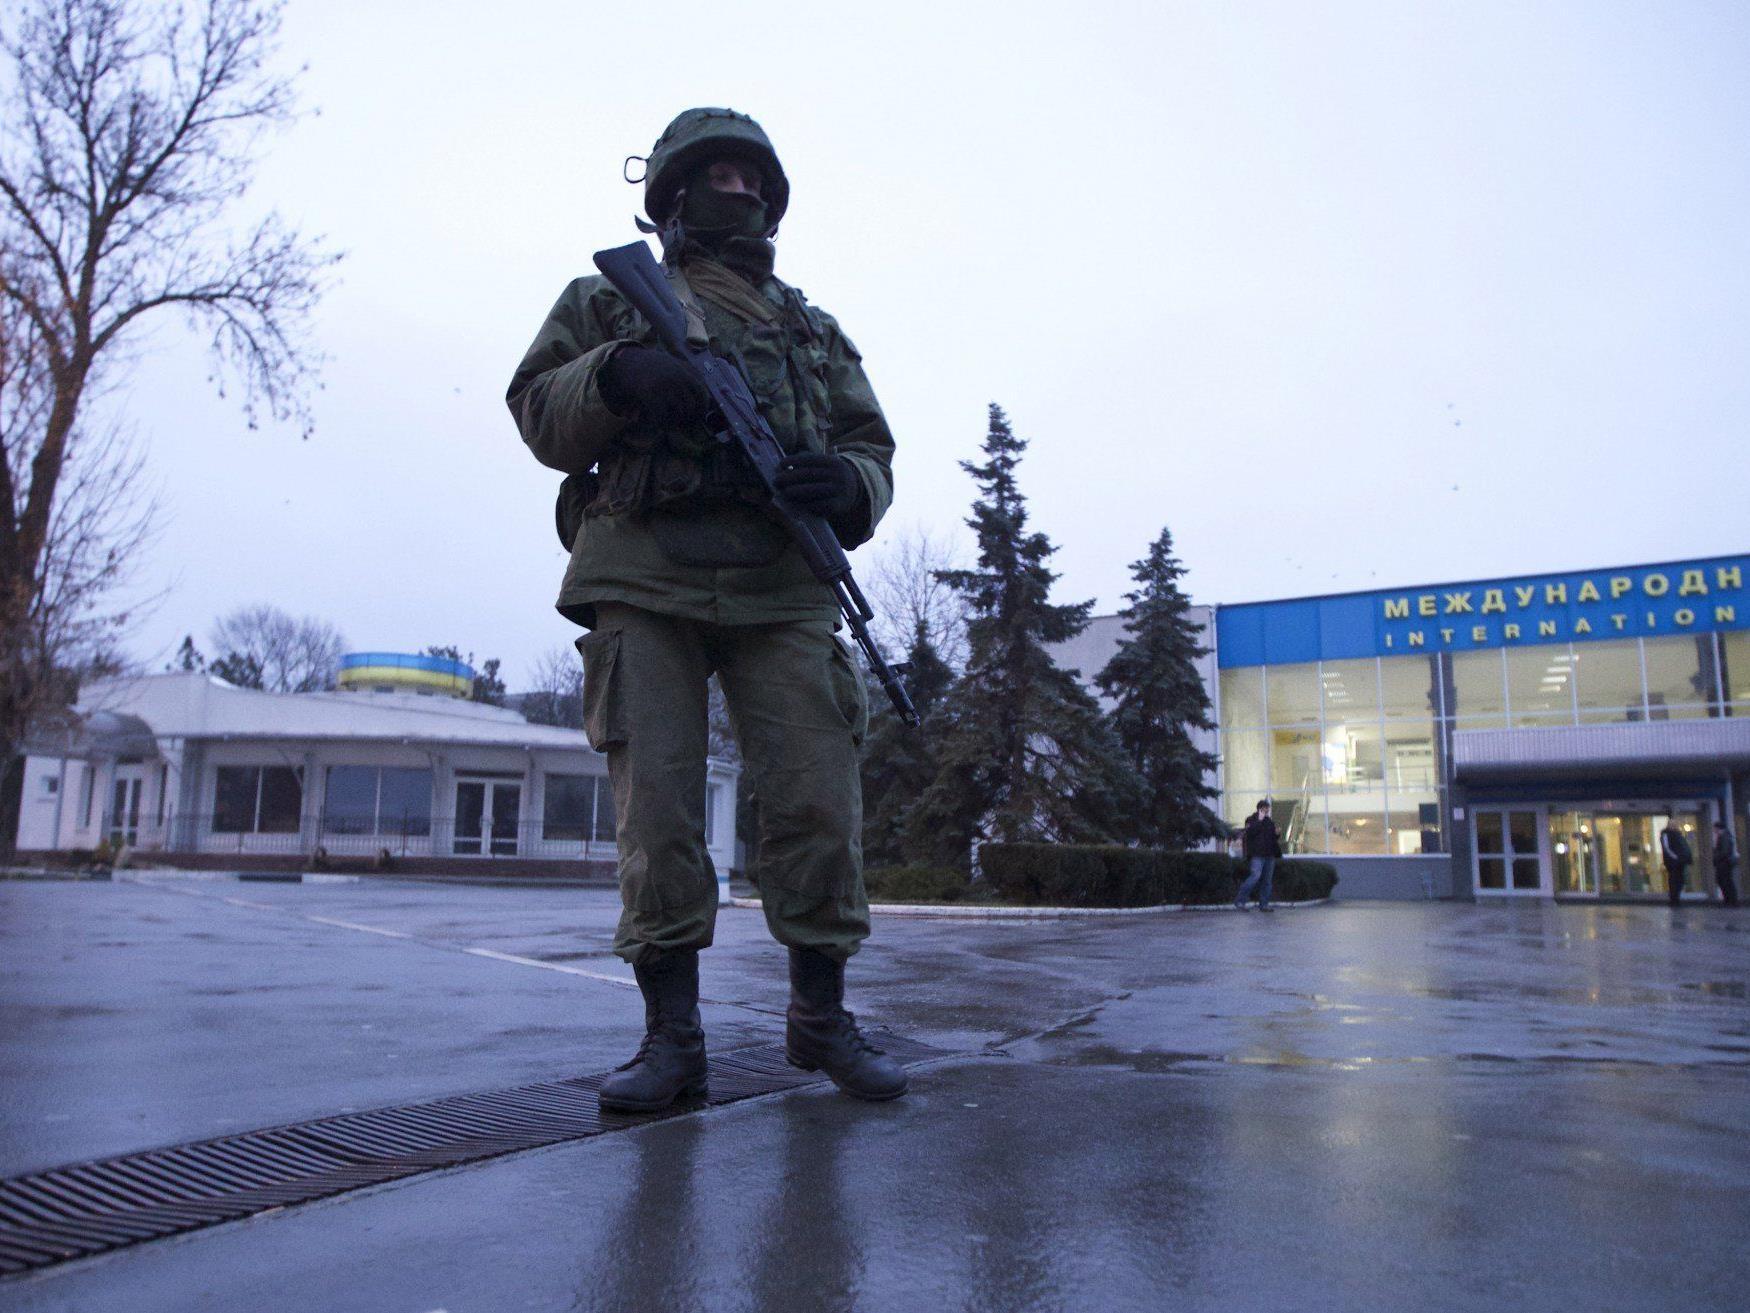 Bewaffnete Kontrolle über Flughafen Simferopol übernommen - Flugreisende werden nicht behindert.